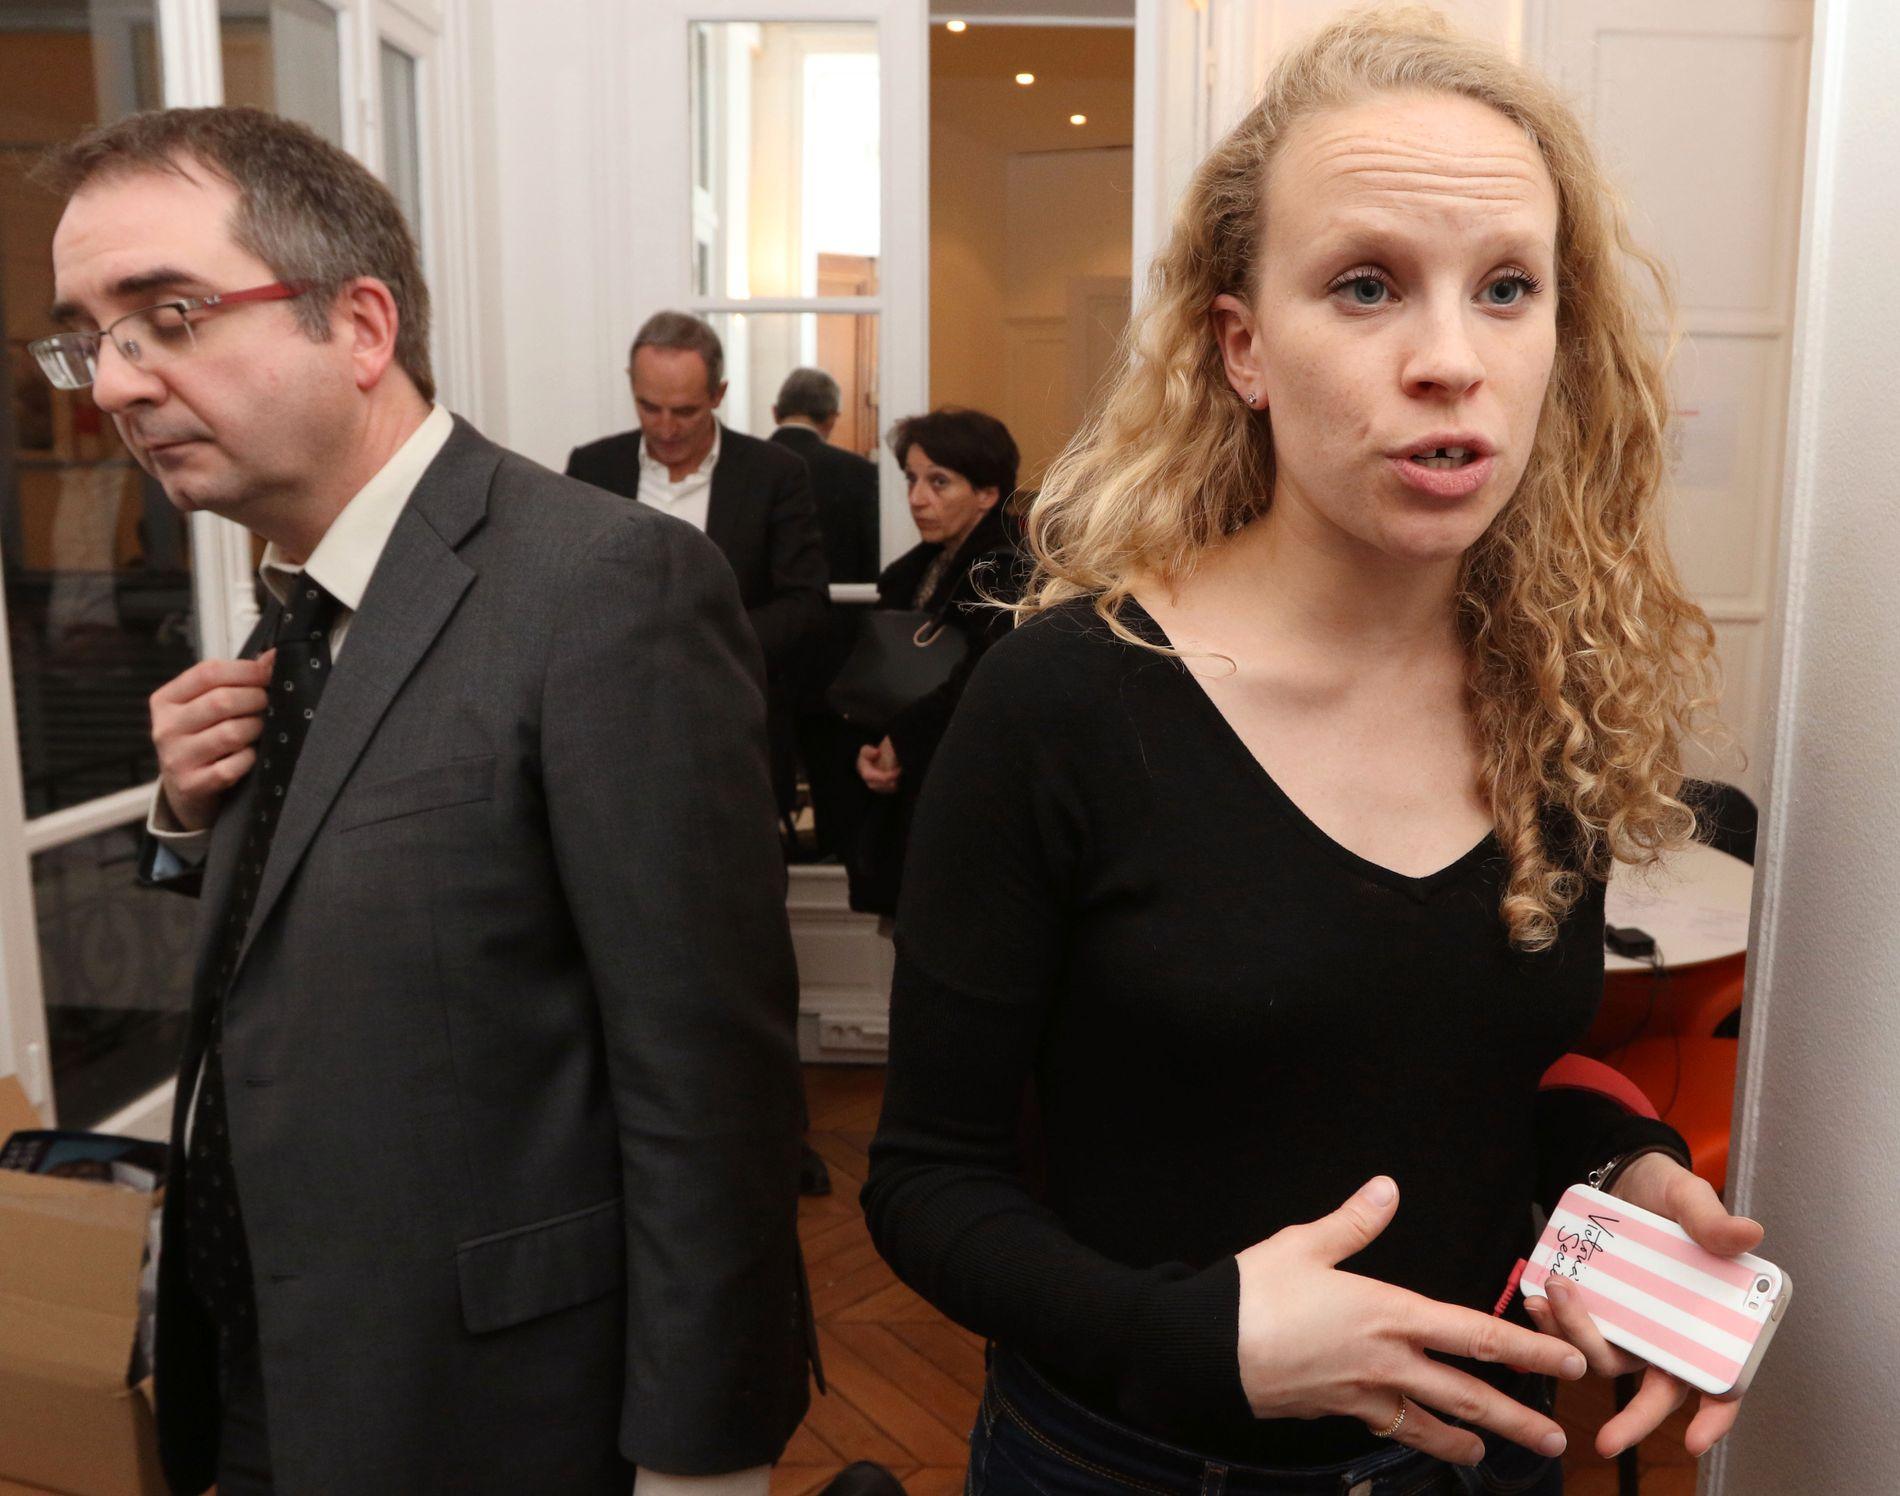 SAMLENDE: Victoria Catteau(t.h.) er personlig assistent for Alain Juppe. Hun mener velgerne forstår at sjefen hennes vil være en samlende president i en vanskelig tid for Frankrike. - Han er rett mann, sier hun. Foto: KRISTOFER SANDBERG